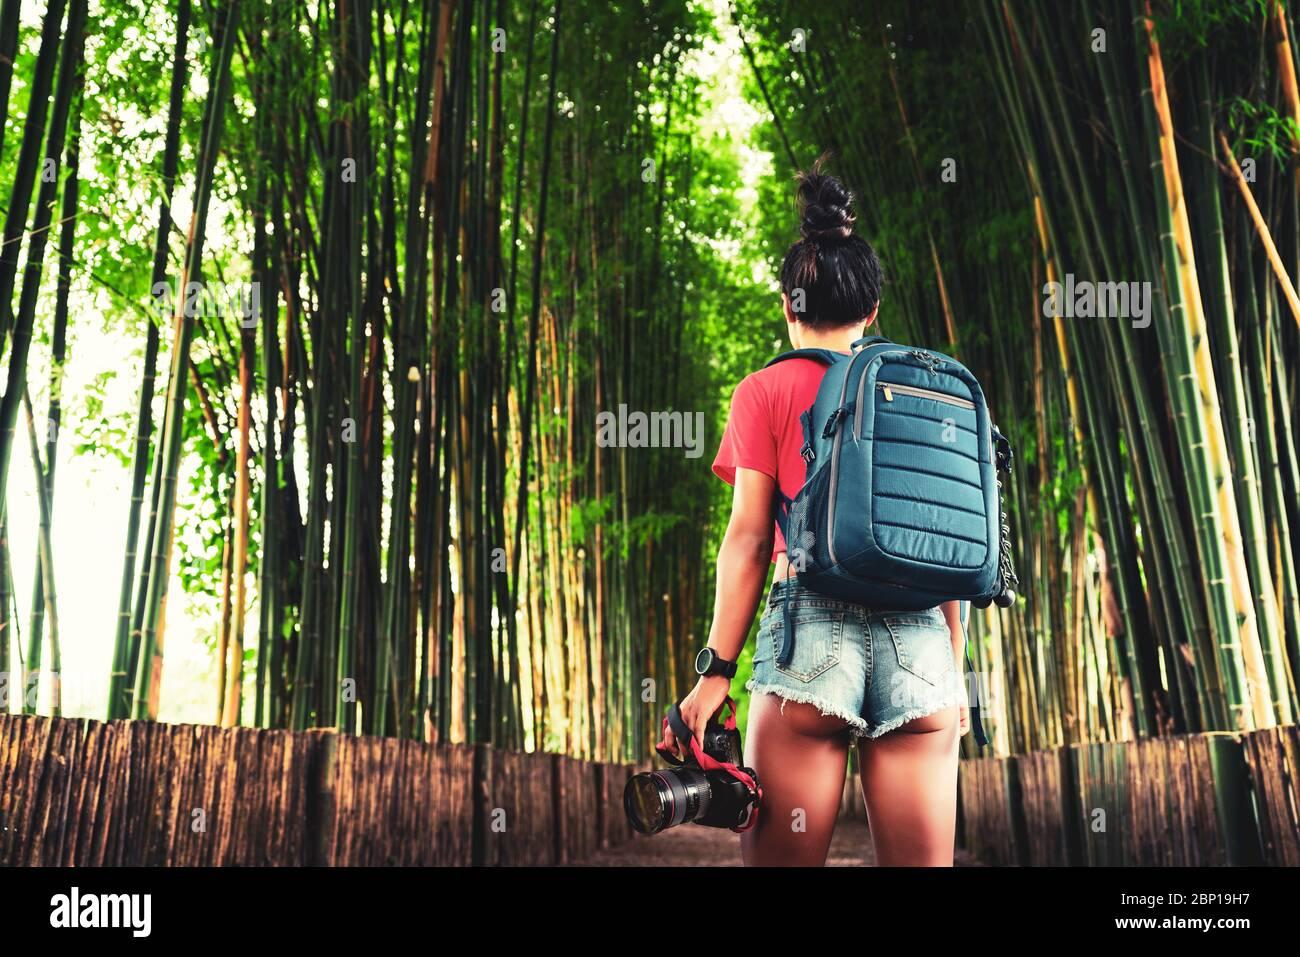 Mujer de viaje con mochila y cámara en la mano explorar el bosque de bambú en Tailandia. Destinos de viaje populares en Asia. Foto de stock